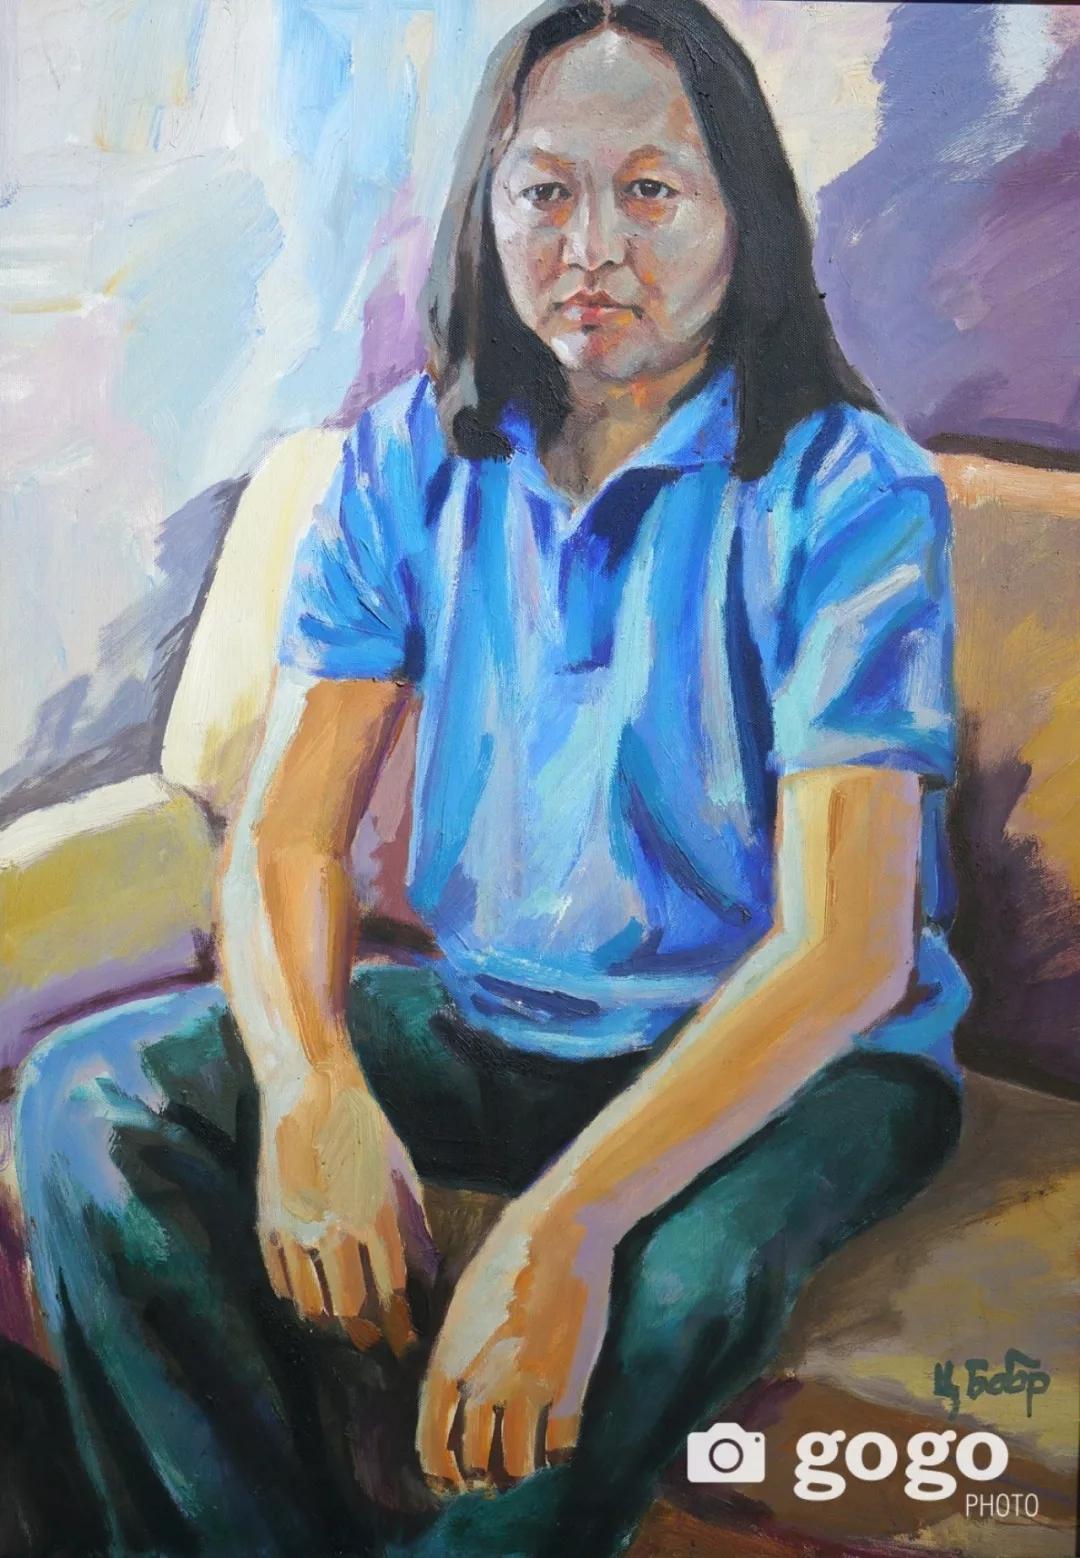 传奇摇滚乐队、流行歌手、艺术家肖像画展在蒙古国开幕 第25张